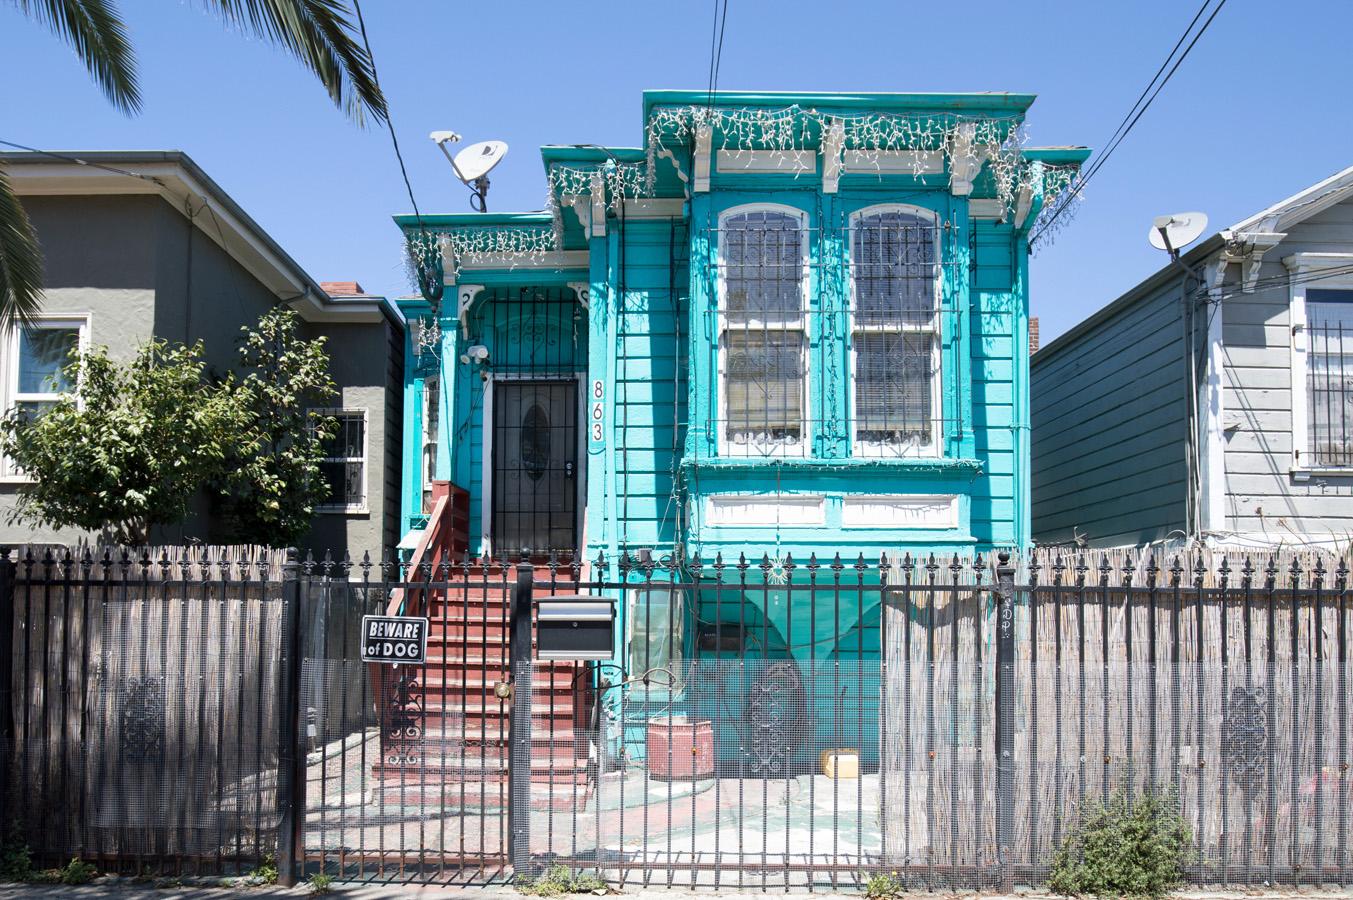 Oakland, CA 94607